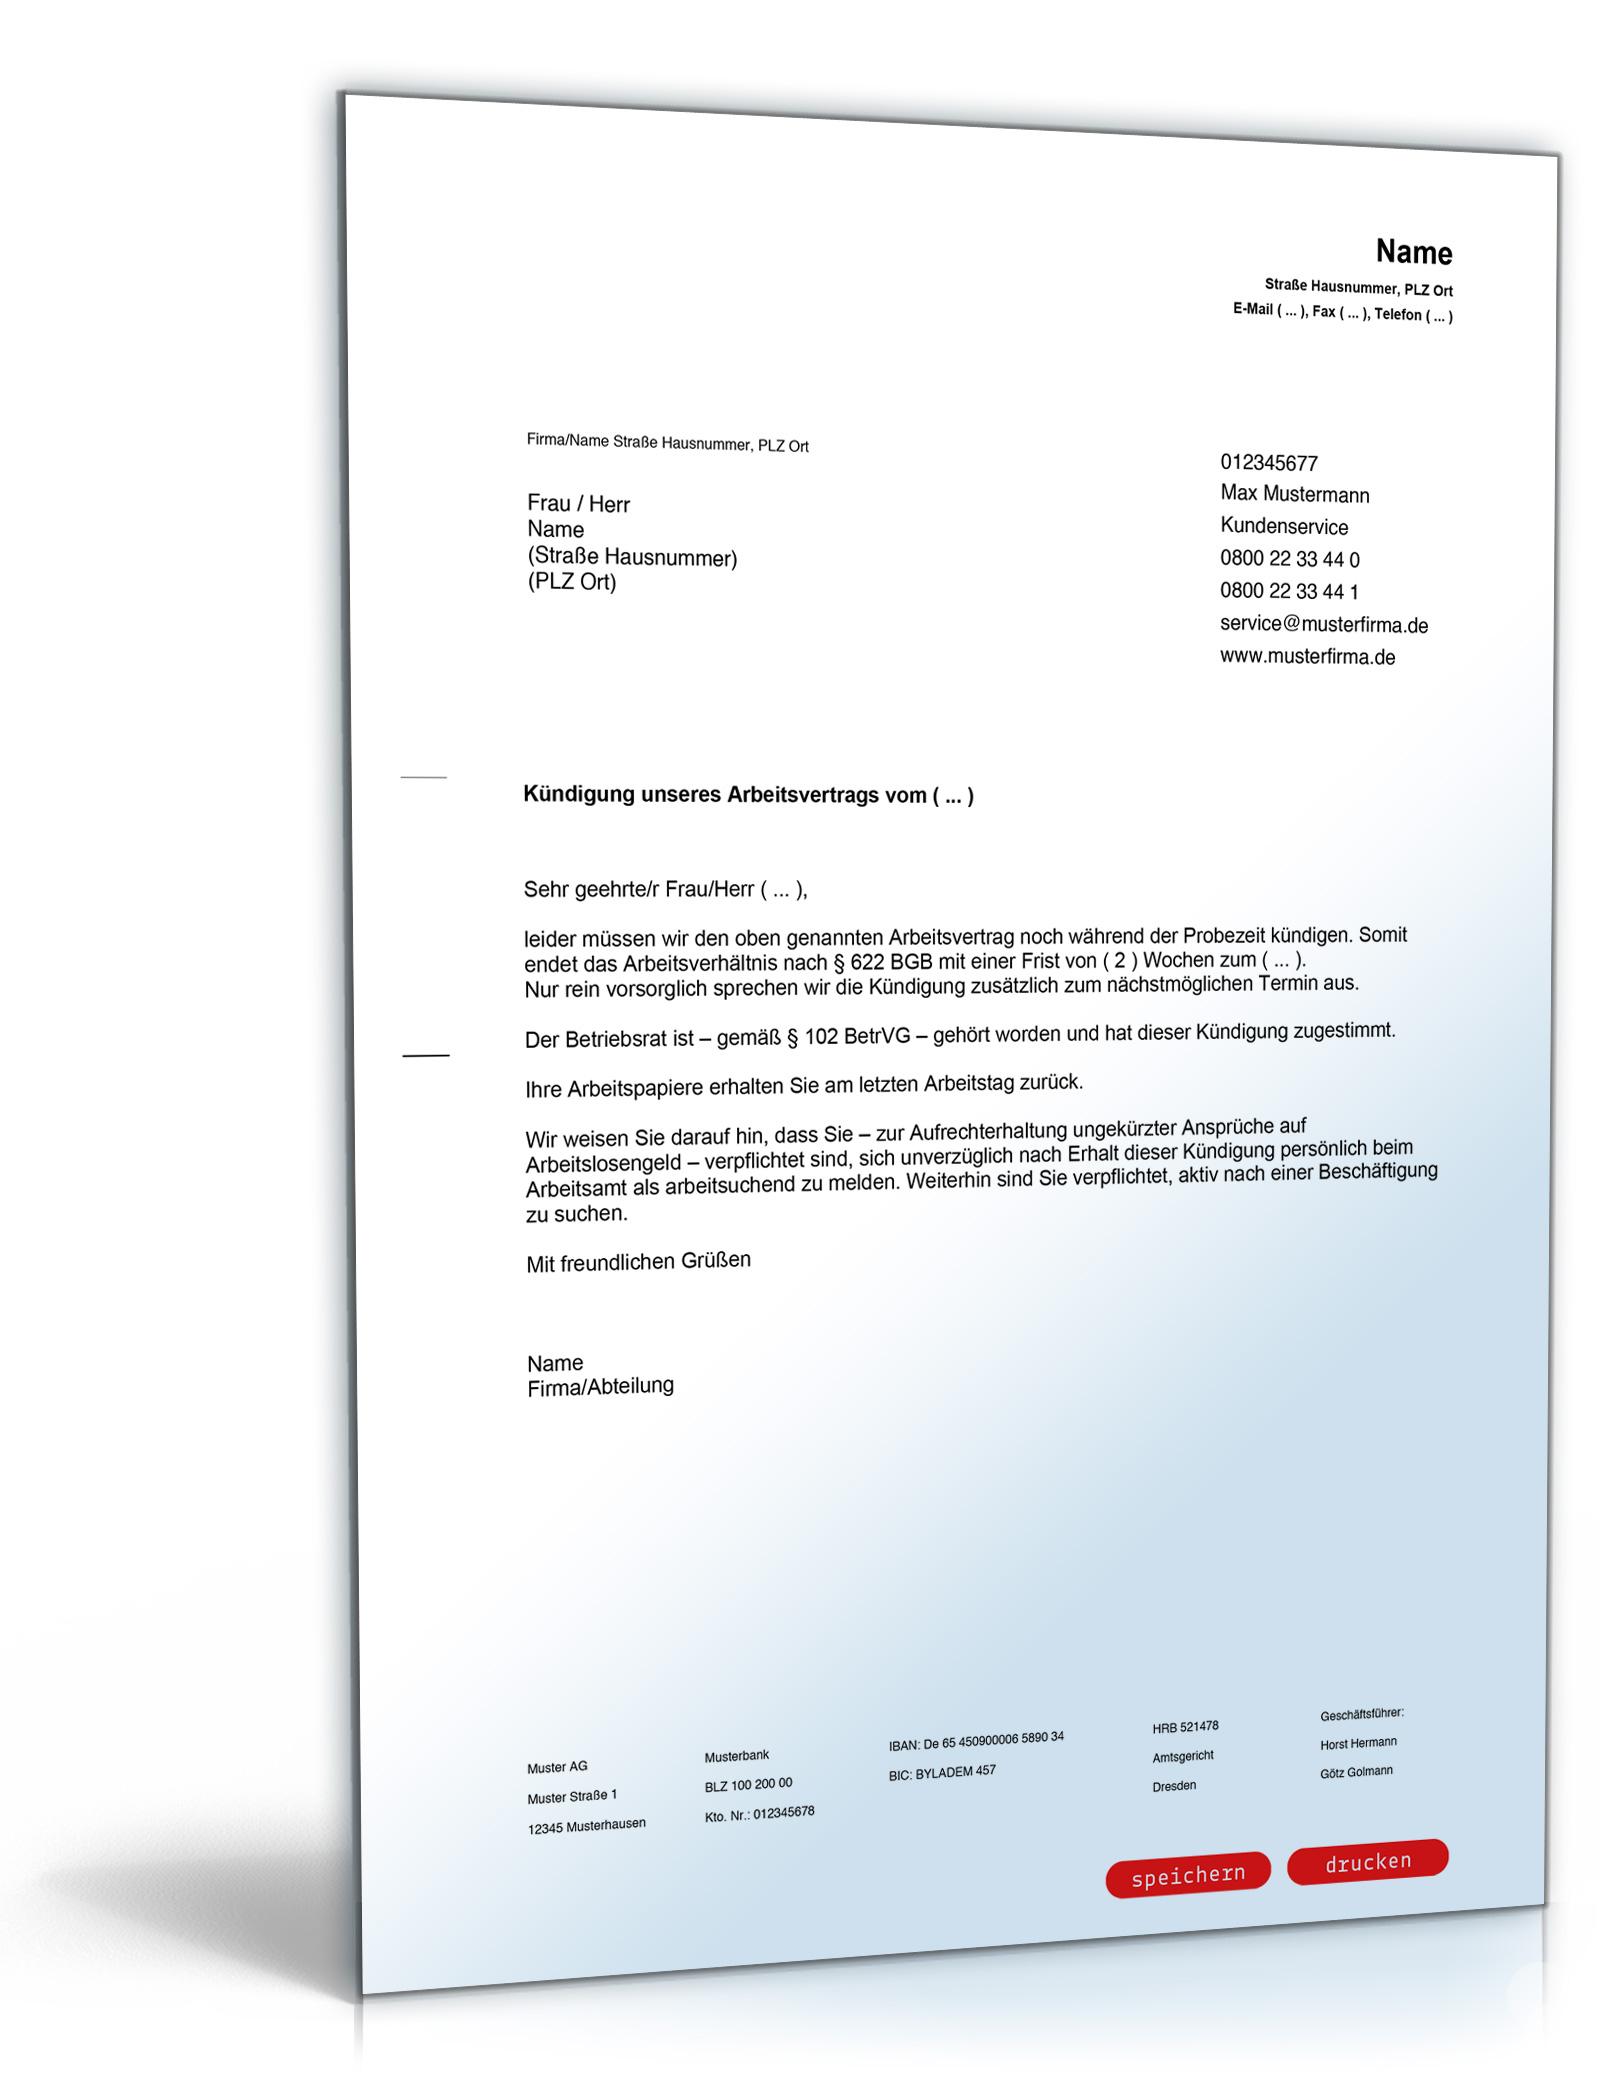 Kündigung Arbeitsvertrag (fristgemäß, Arbeitgeber)